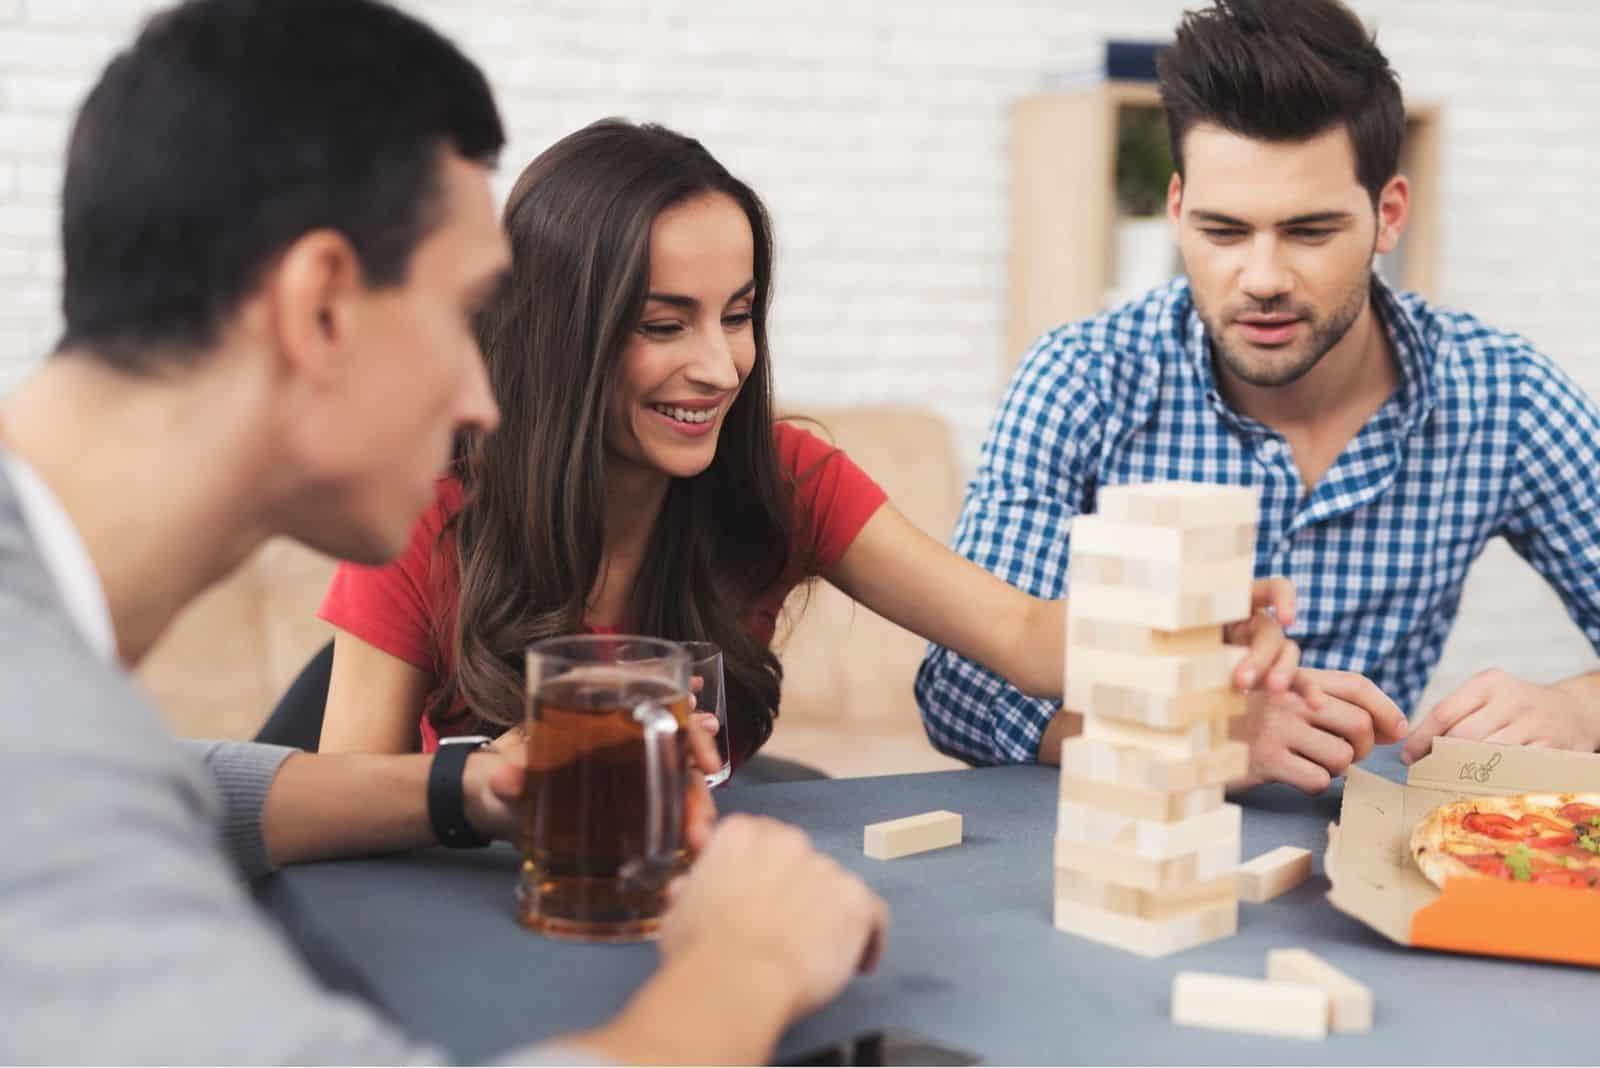 Gesellschaft von jungen Leuten Jenga-Spiel mit Bier und Pizza spielen